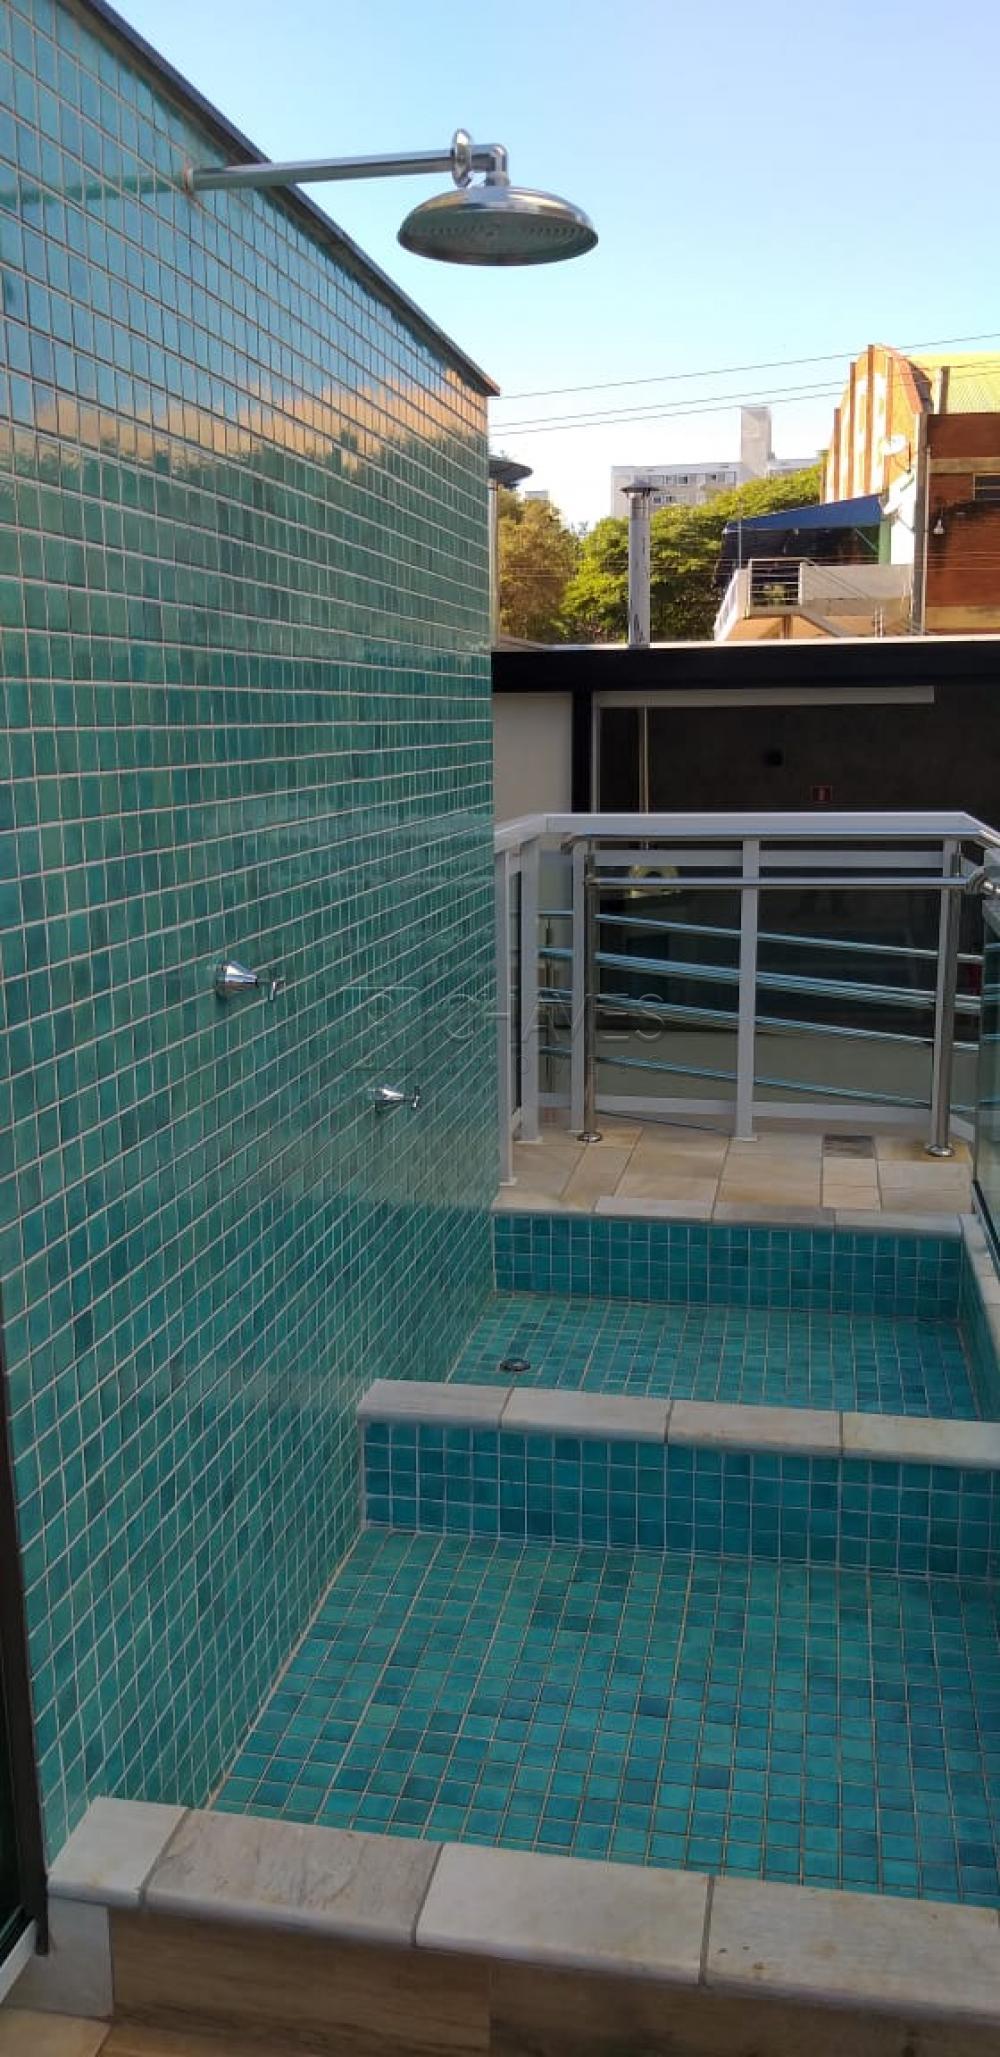 Comprar Apartamento / Cobertura em Ribeirão Preto R$ 1.319.000,00 - Foto 13